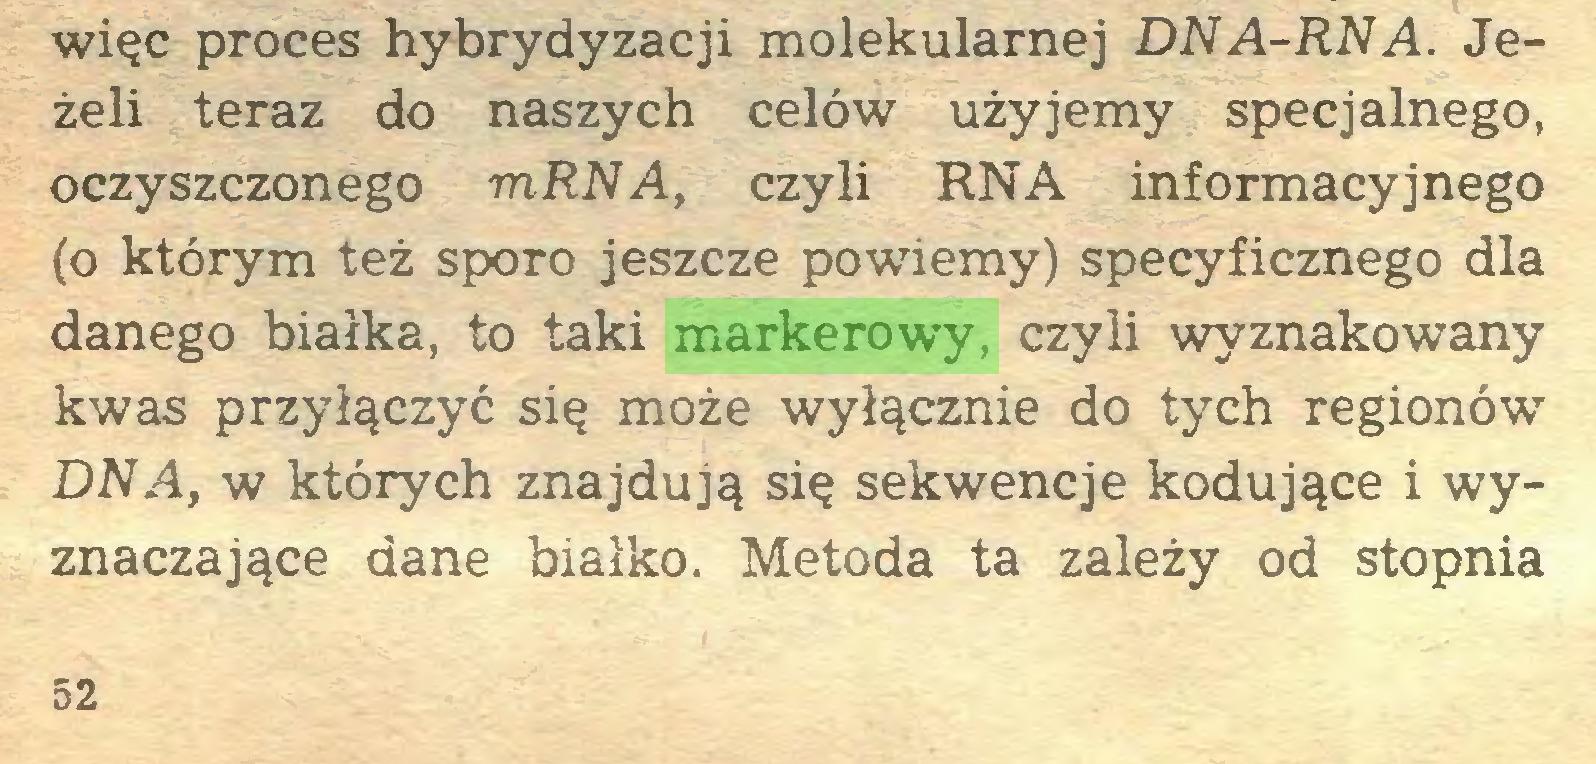 (...) więc proces hybrydyzacji molekularnej DNA-RNA. Jeżeli teraz do naszych celów użyjemy specjalnego, oczyszczonego mRNA, czyli RNA informacyjnego (o którym też sporo jeszcze powiemy) specyficznego dla danego białka, to taki markerowy, czyli wyznakowany kwas przyłączyć się może wyłącznie do tych regionów DNA, w których znajdują się sekwencje kodujące i wyznaczające dane białko. Metoda ta zależy od stopnia 52...